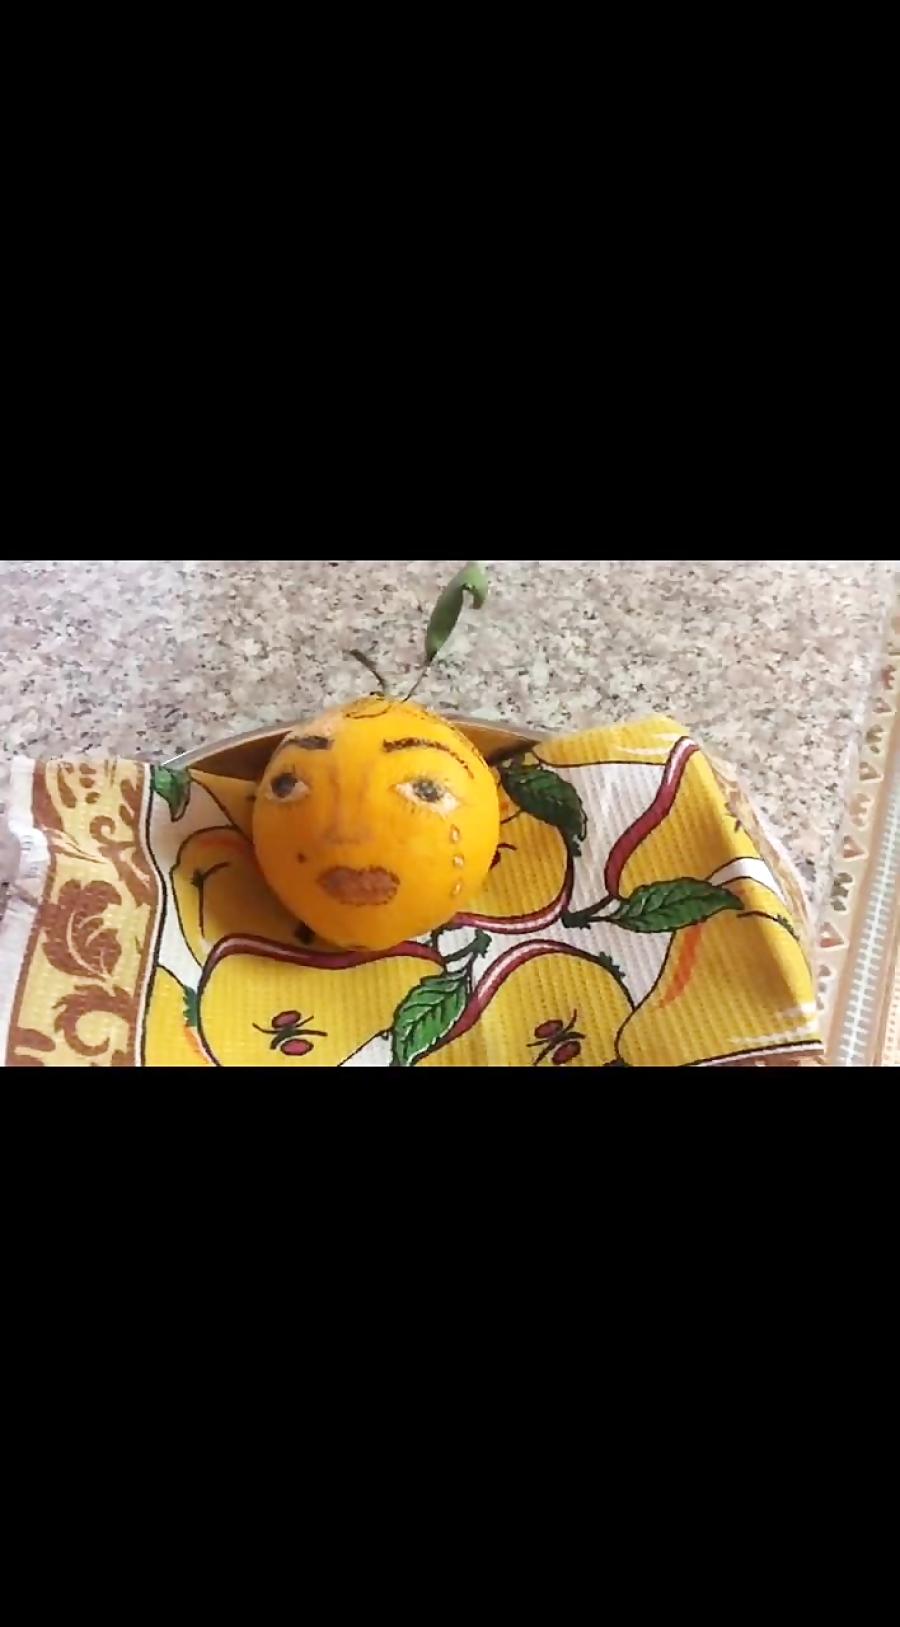 پرتقال با چشم گریان